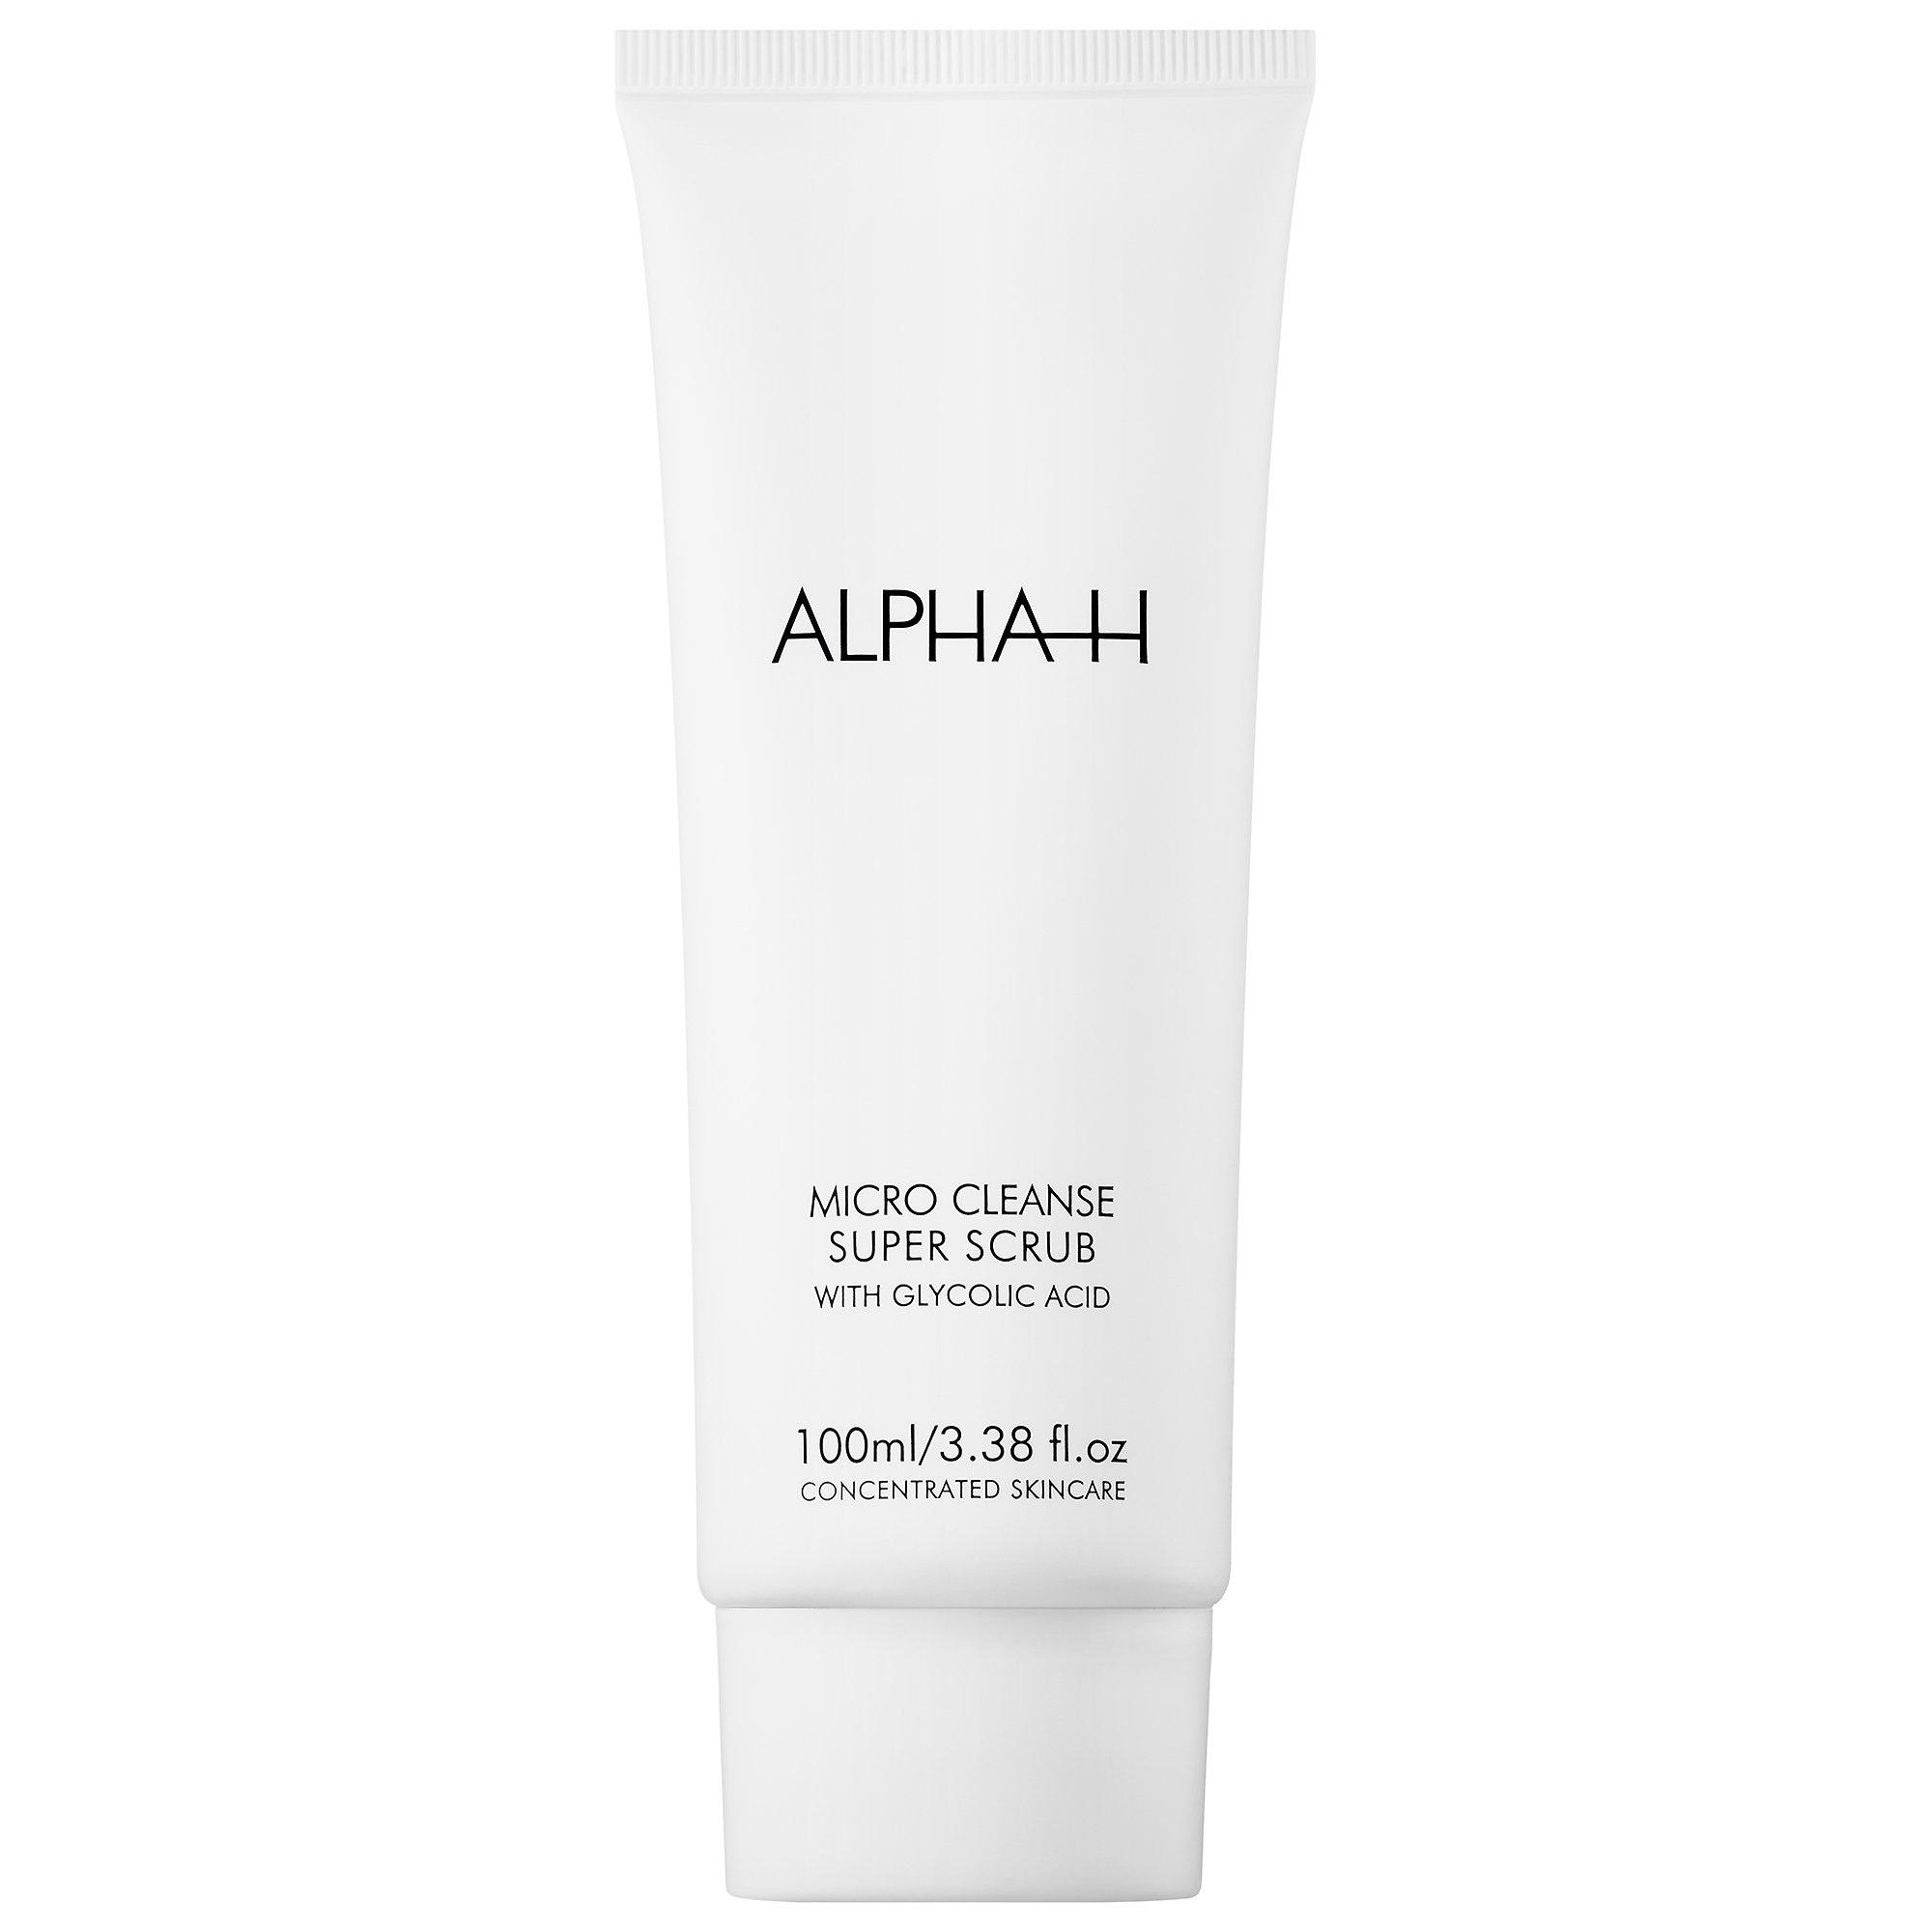 Alpha H - Micro Cleanse Super Scrub